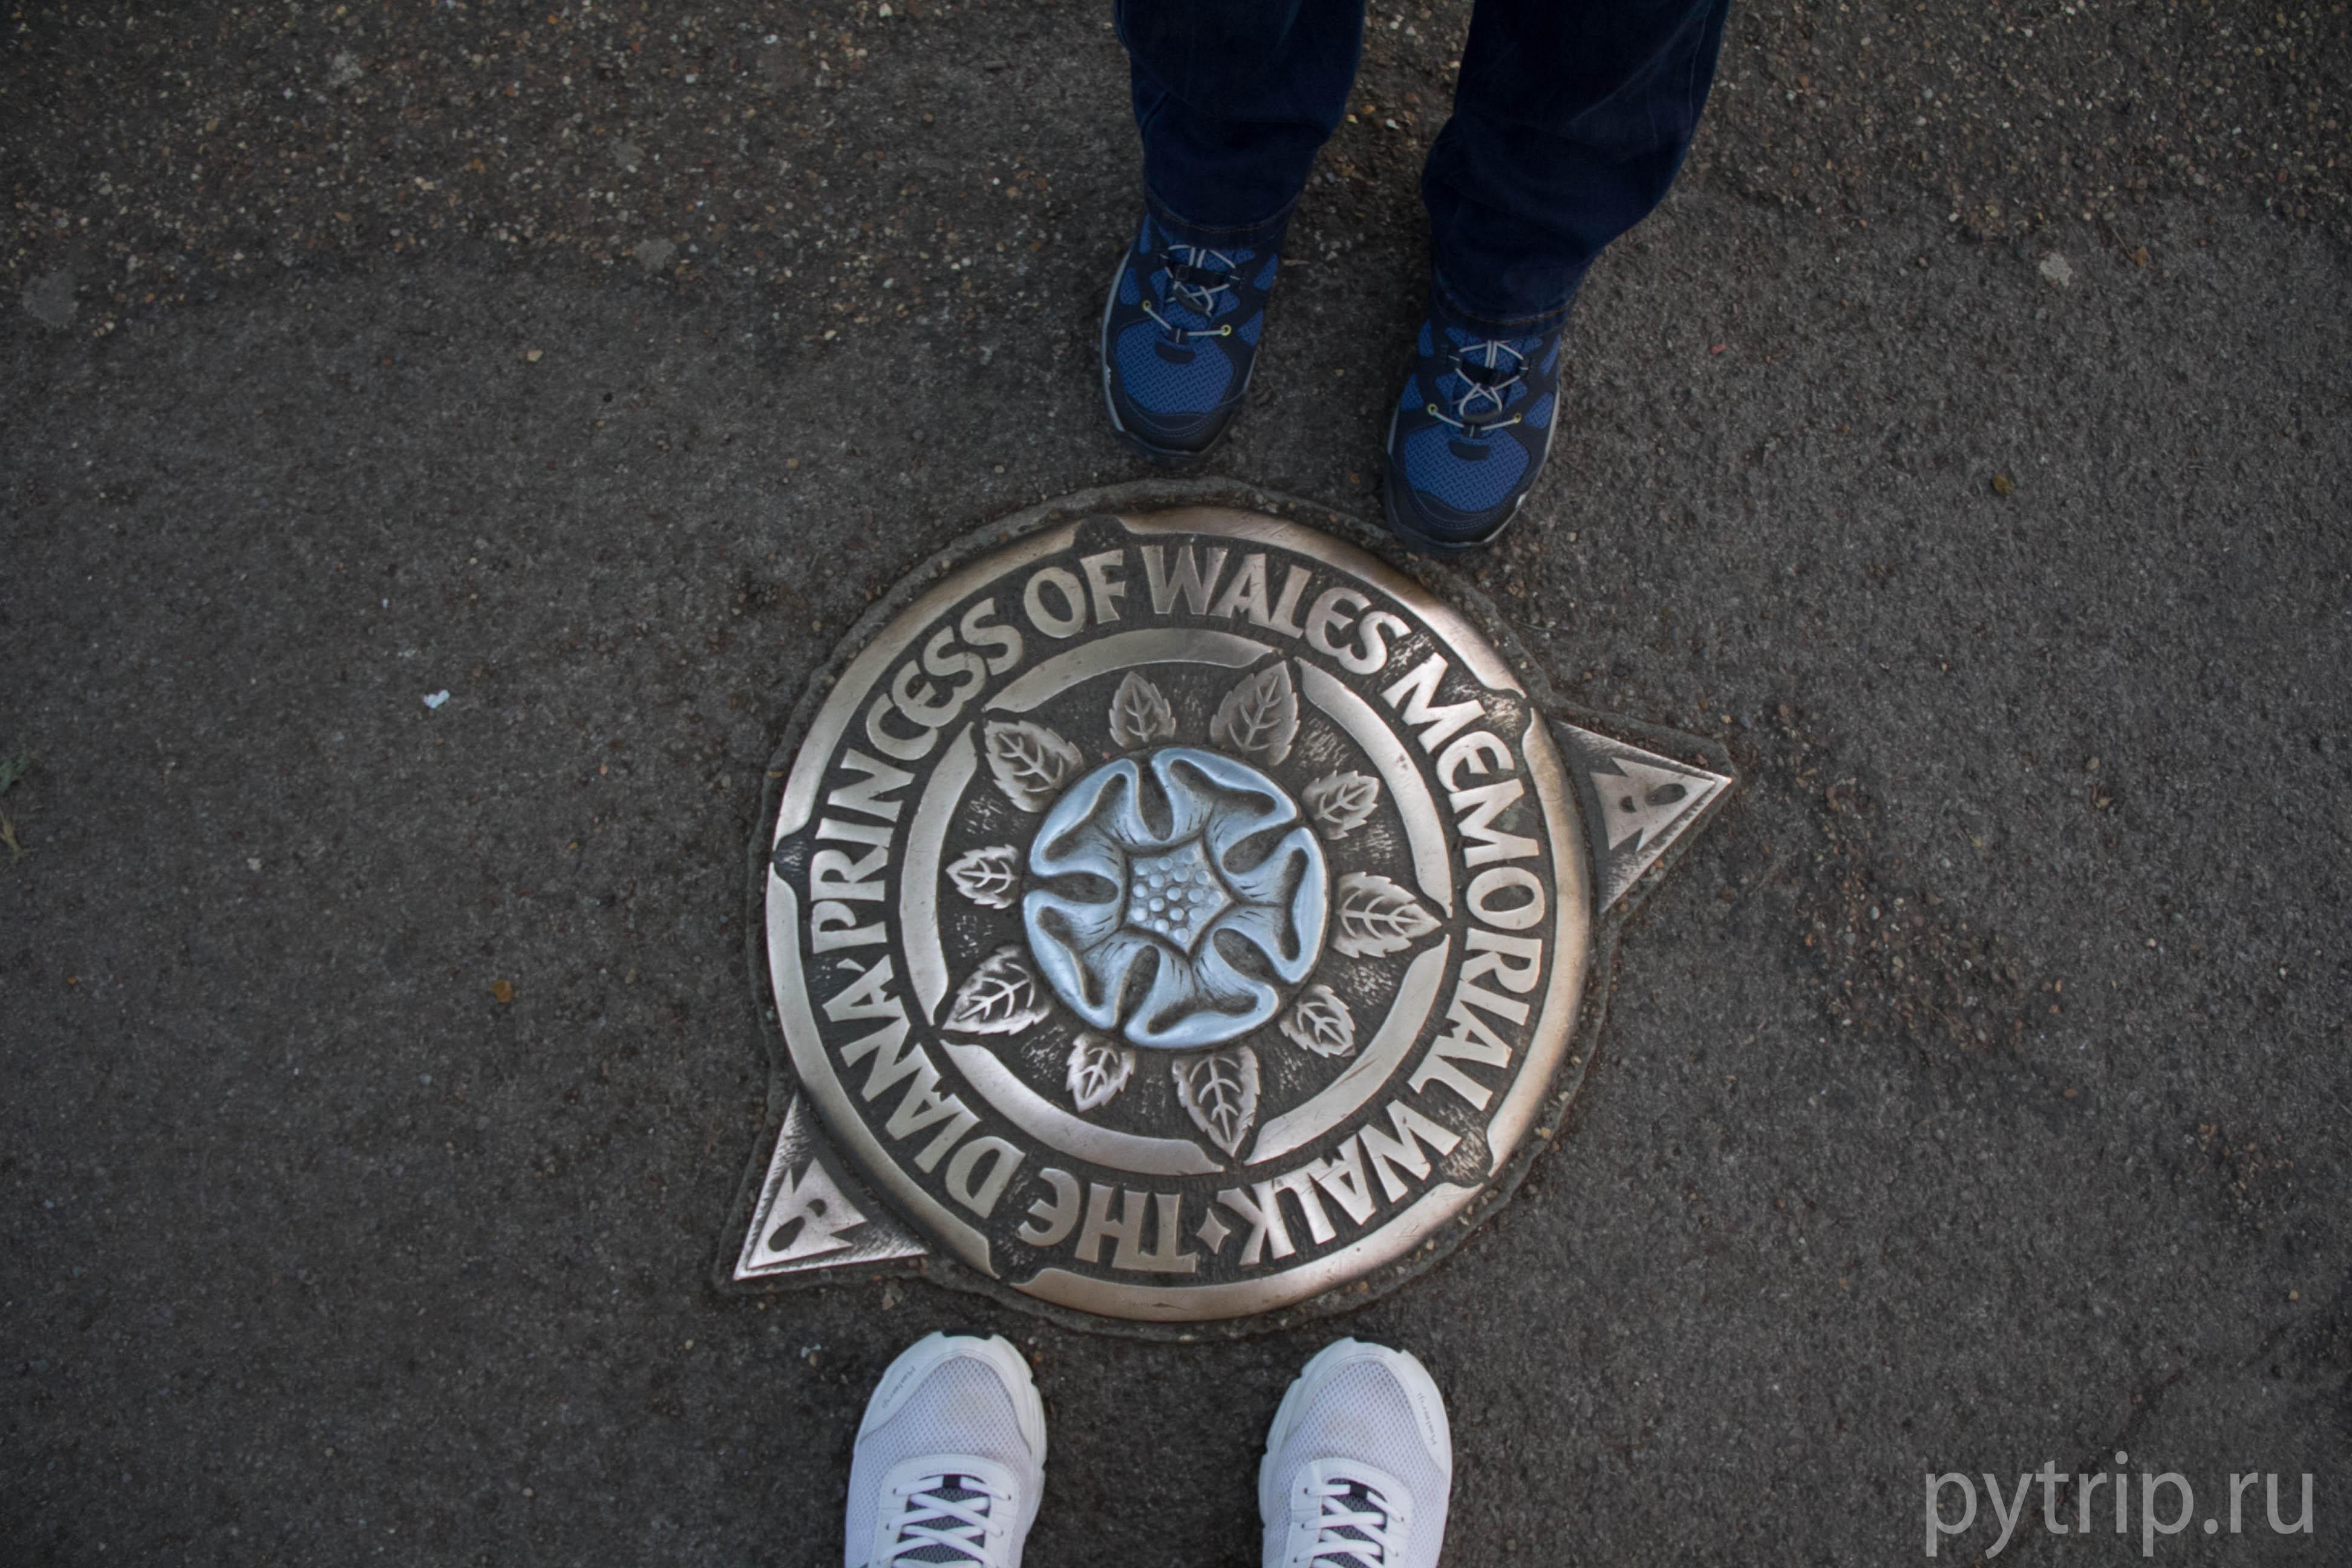 Через парк Сент-Джеймс проходит мемориальная тропа Принцессы Дианы